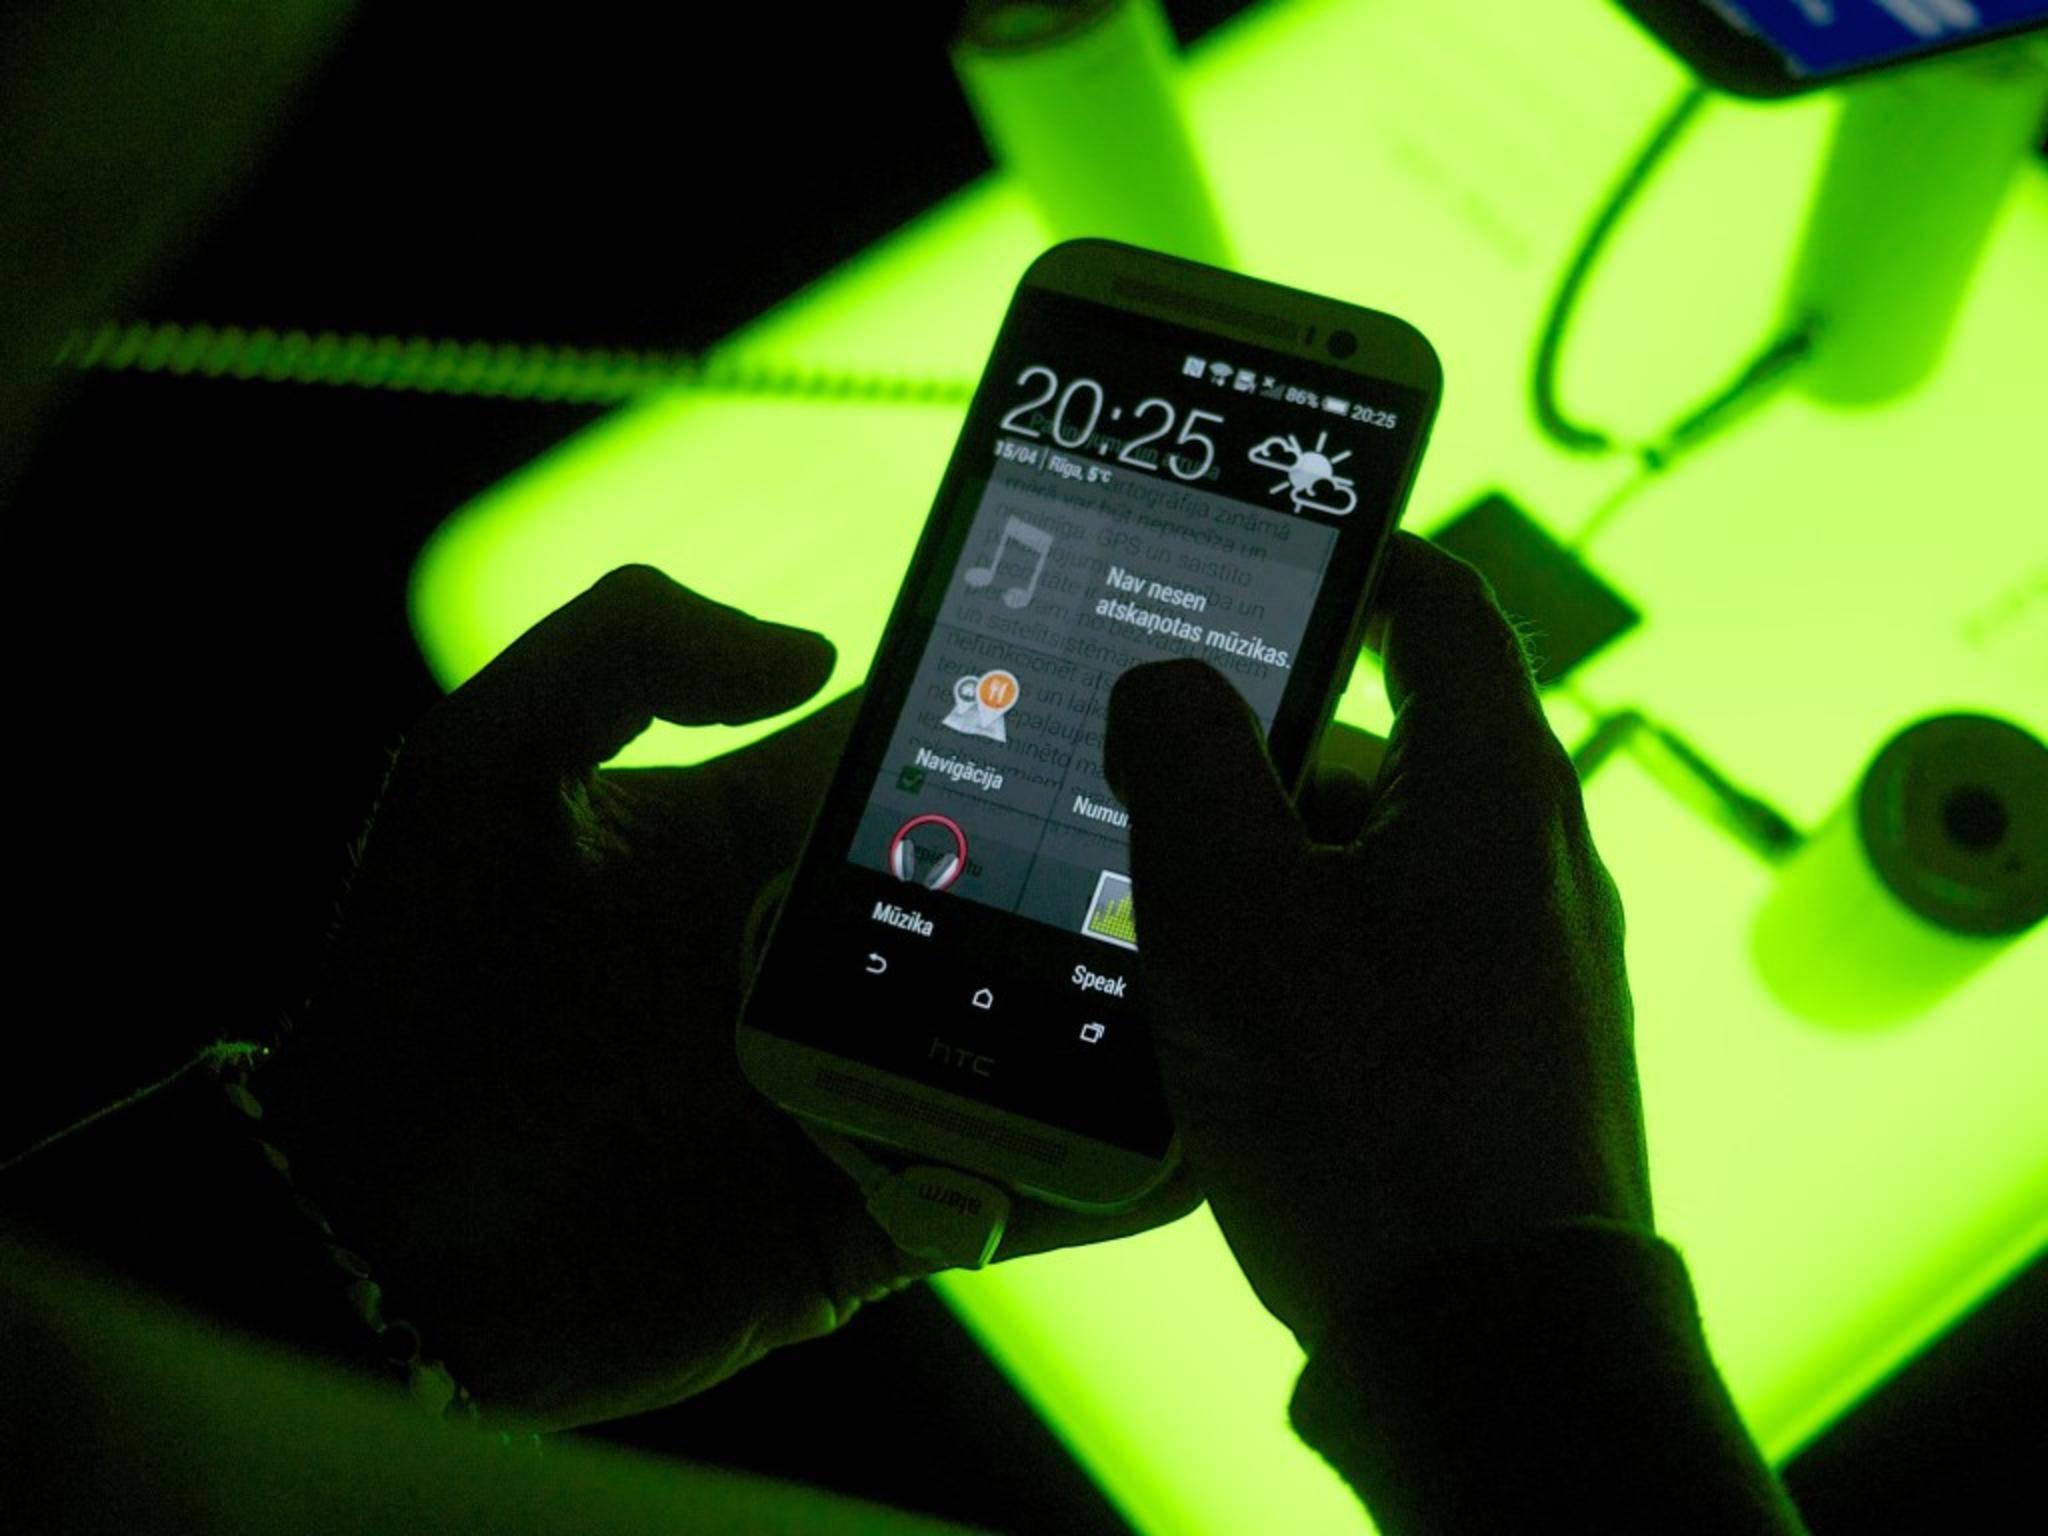 Wird der Nachfolger des HTC One M8 im März 2015 enthüllt?